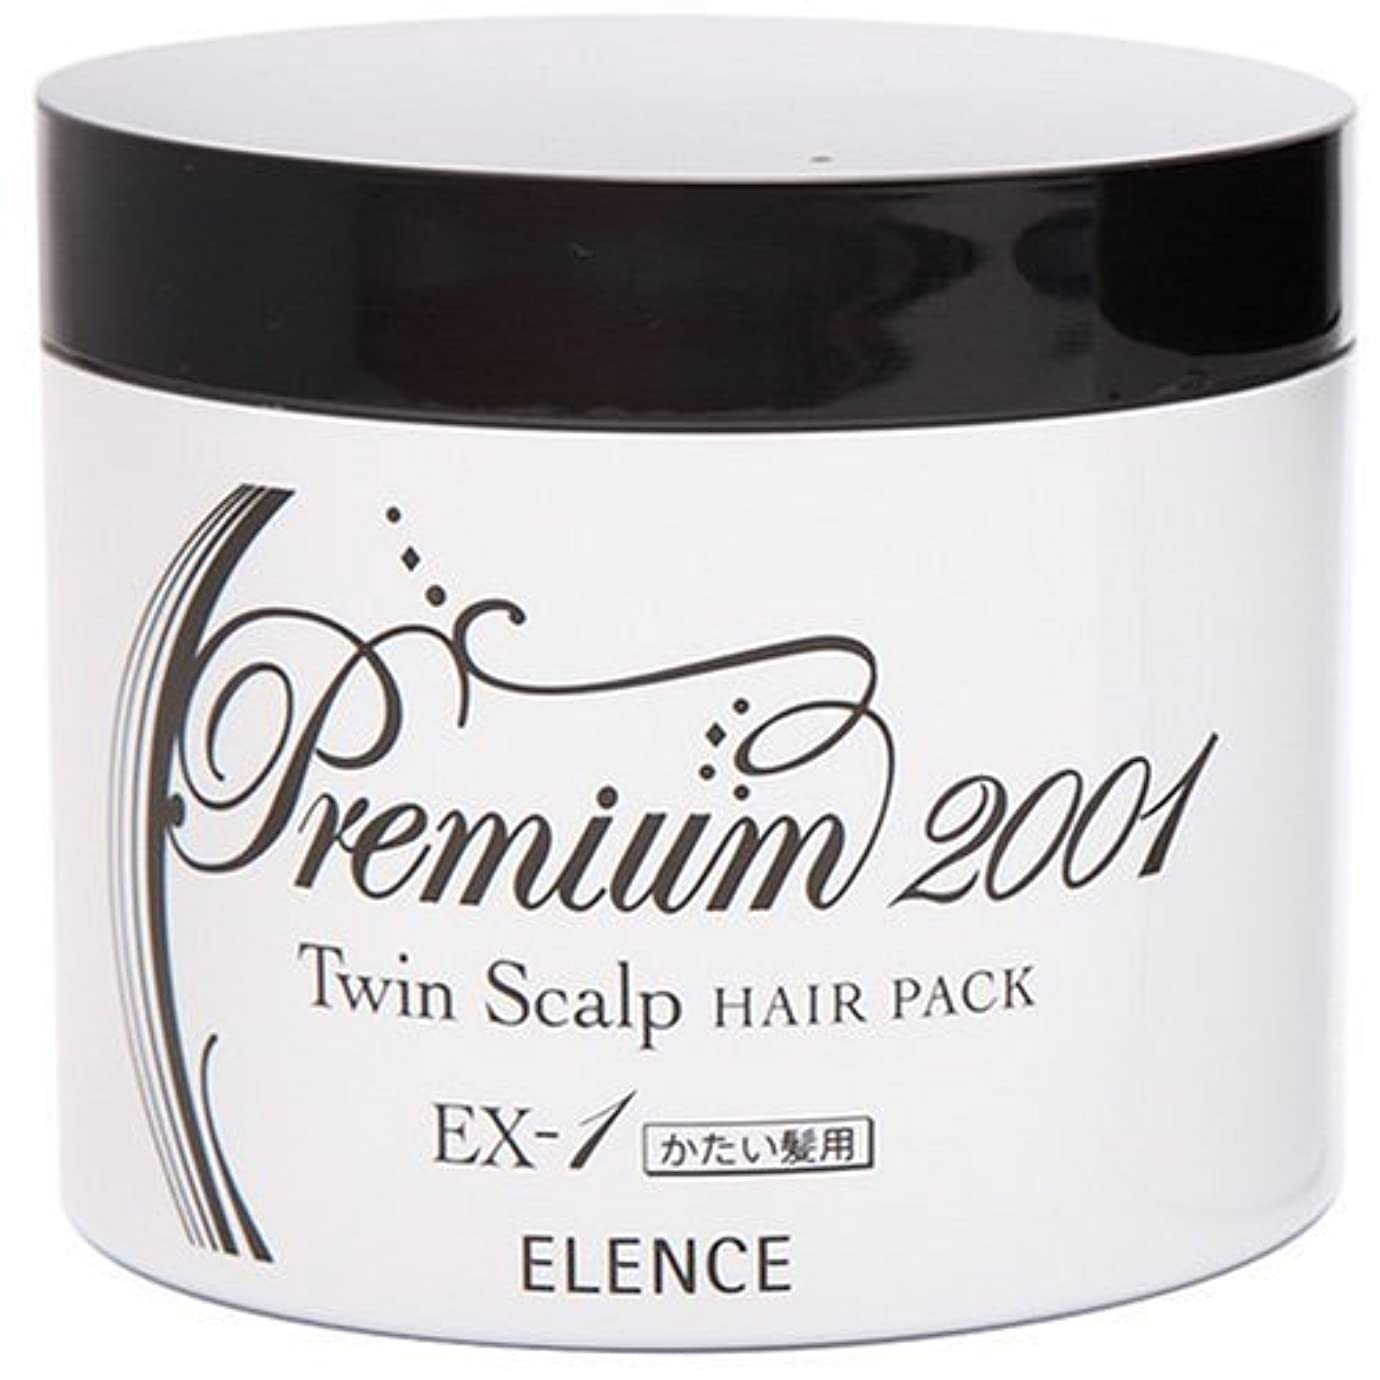 不純ファンネルウェブスパイダーを除くエレンス2001 ツインスキャルプヘアパックEX-1(かたい髪用)